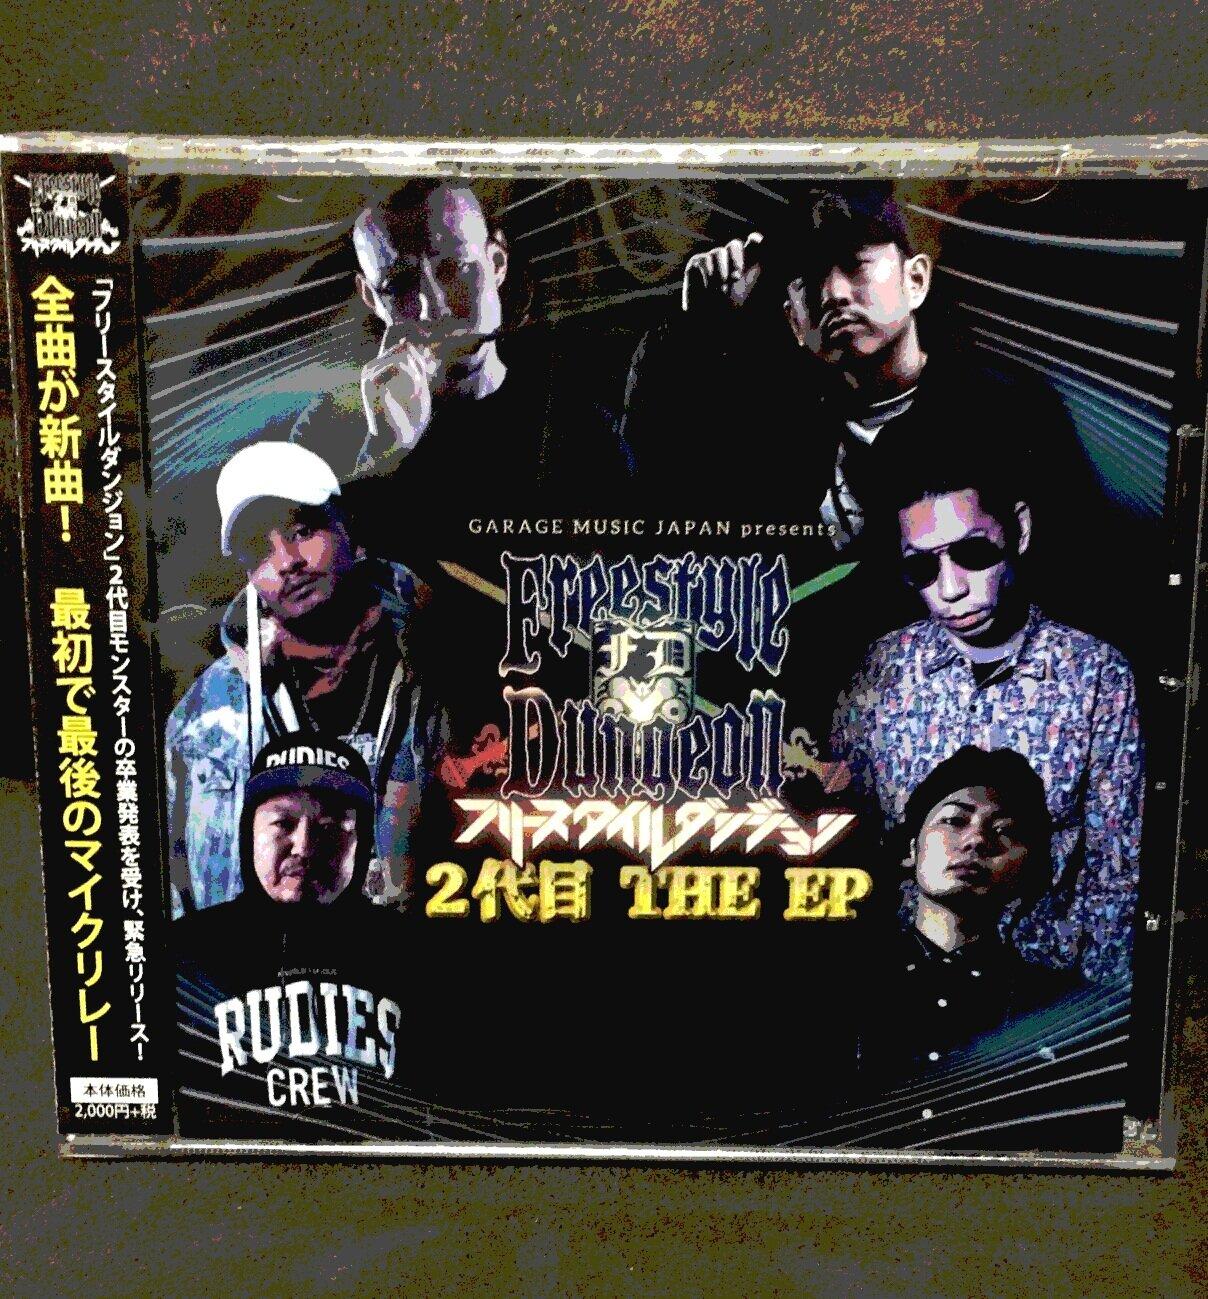 2代目モンスター「フリースタイルダンジョン 2代目 THE EP」CD